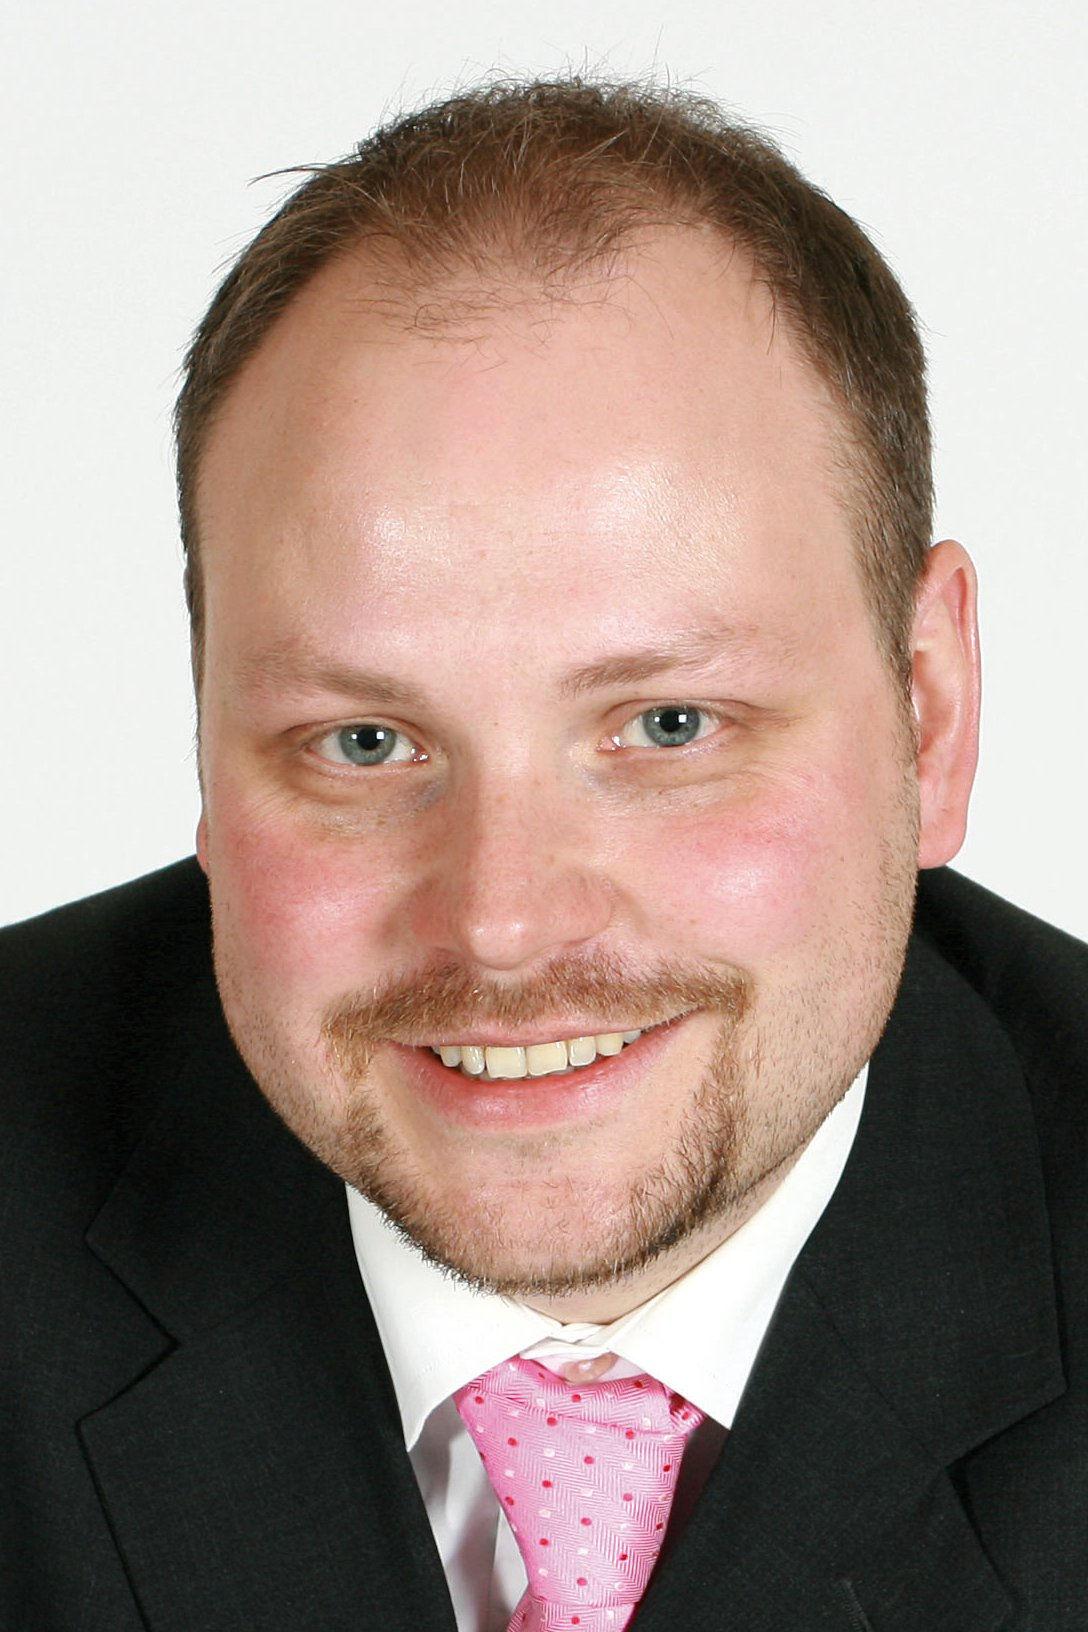 Photo of Kristian Norheim: Norwegian politician